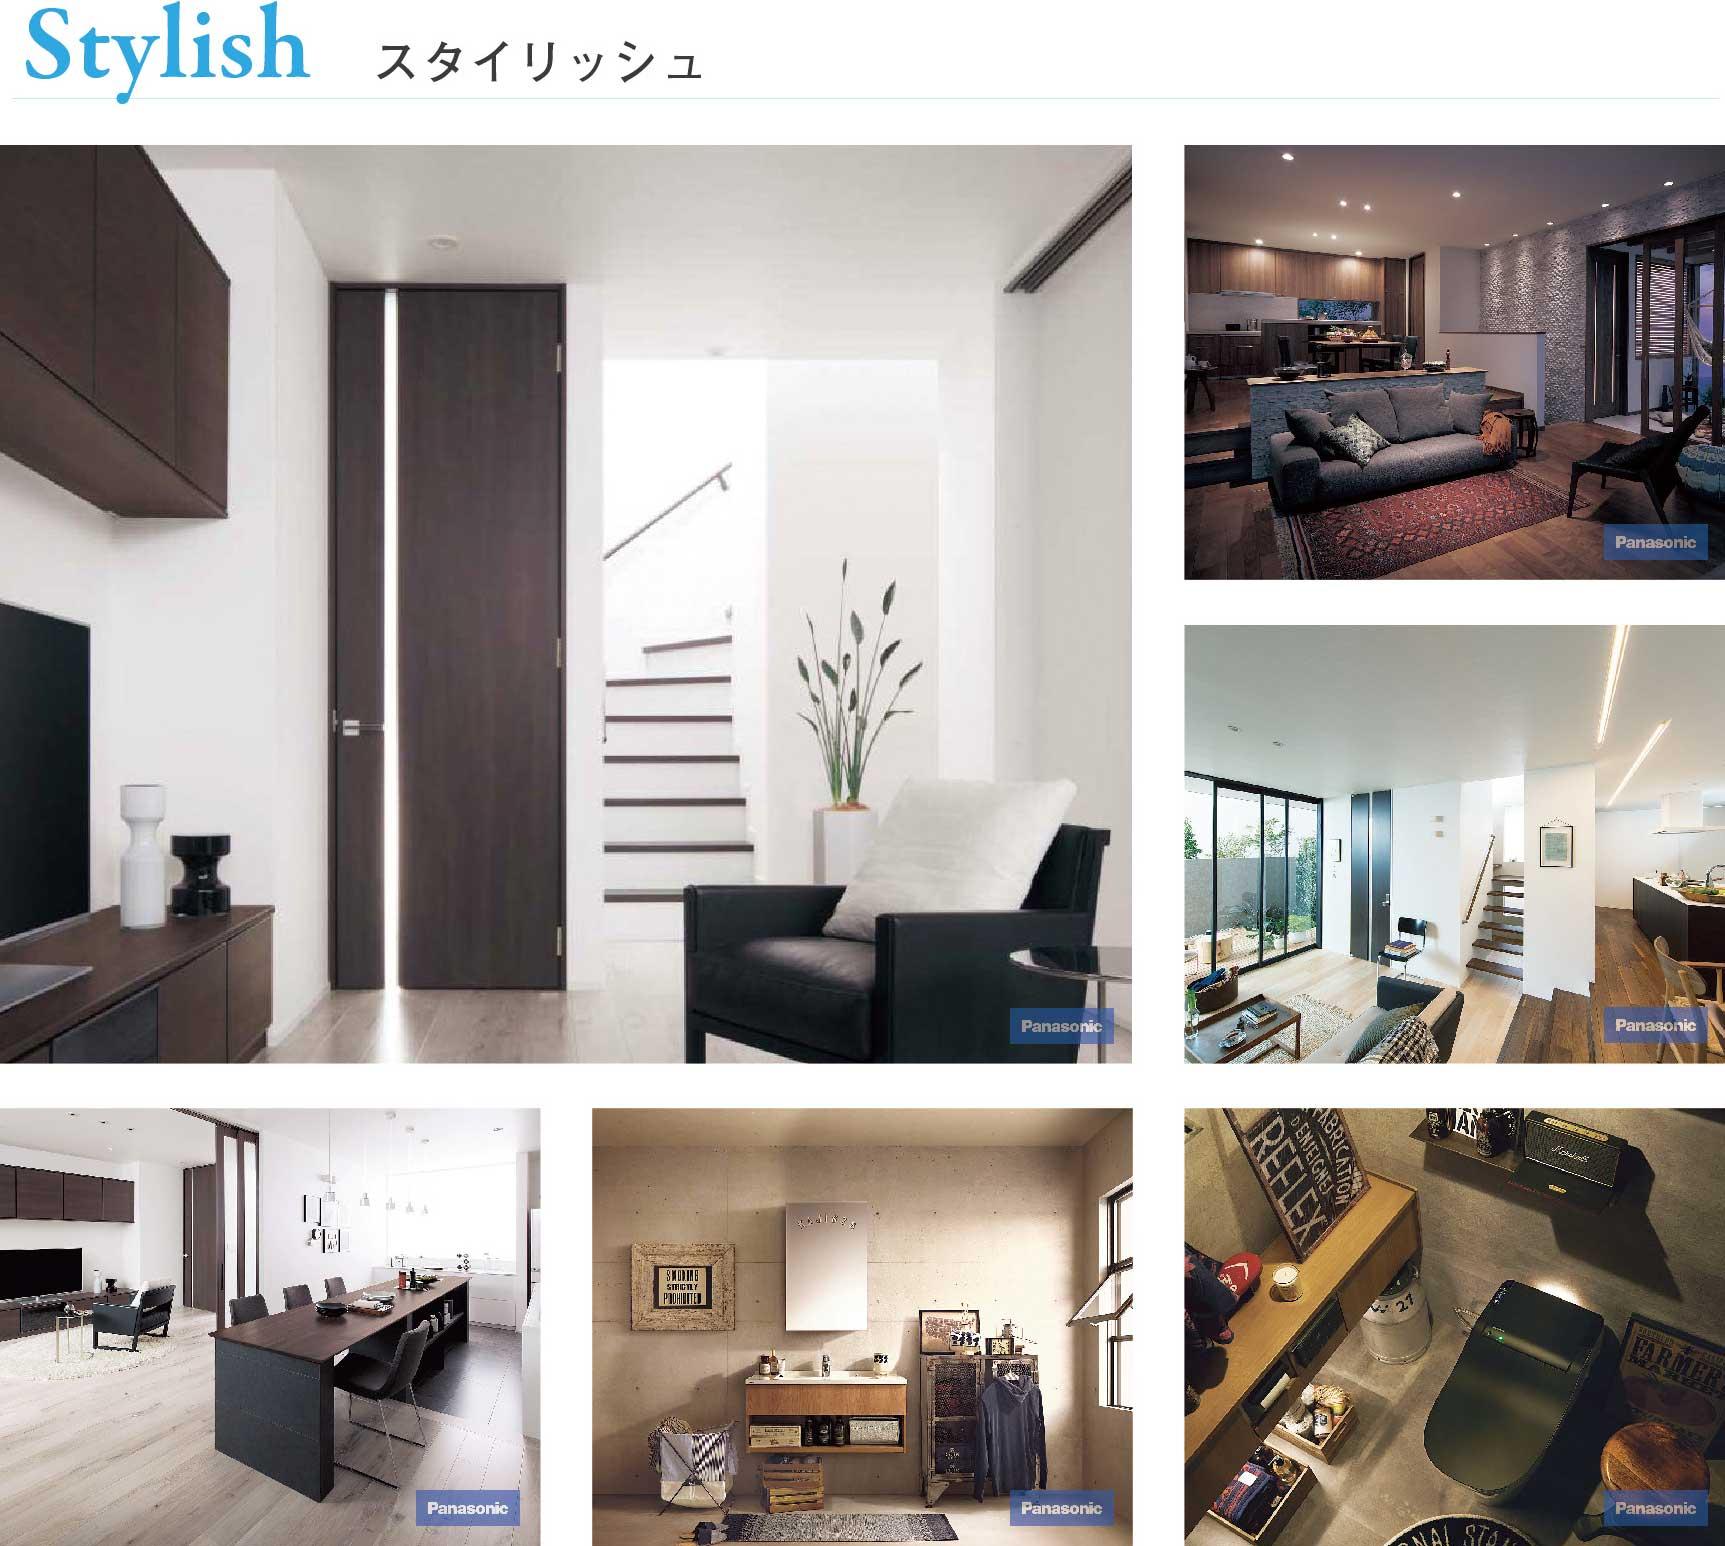 注文住宅の施工写真例「スタイリッシュ Stylish」